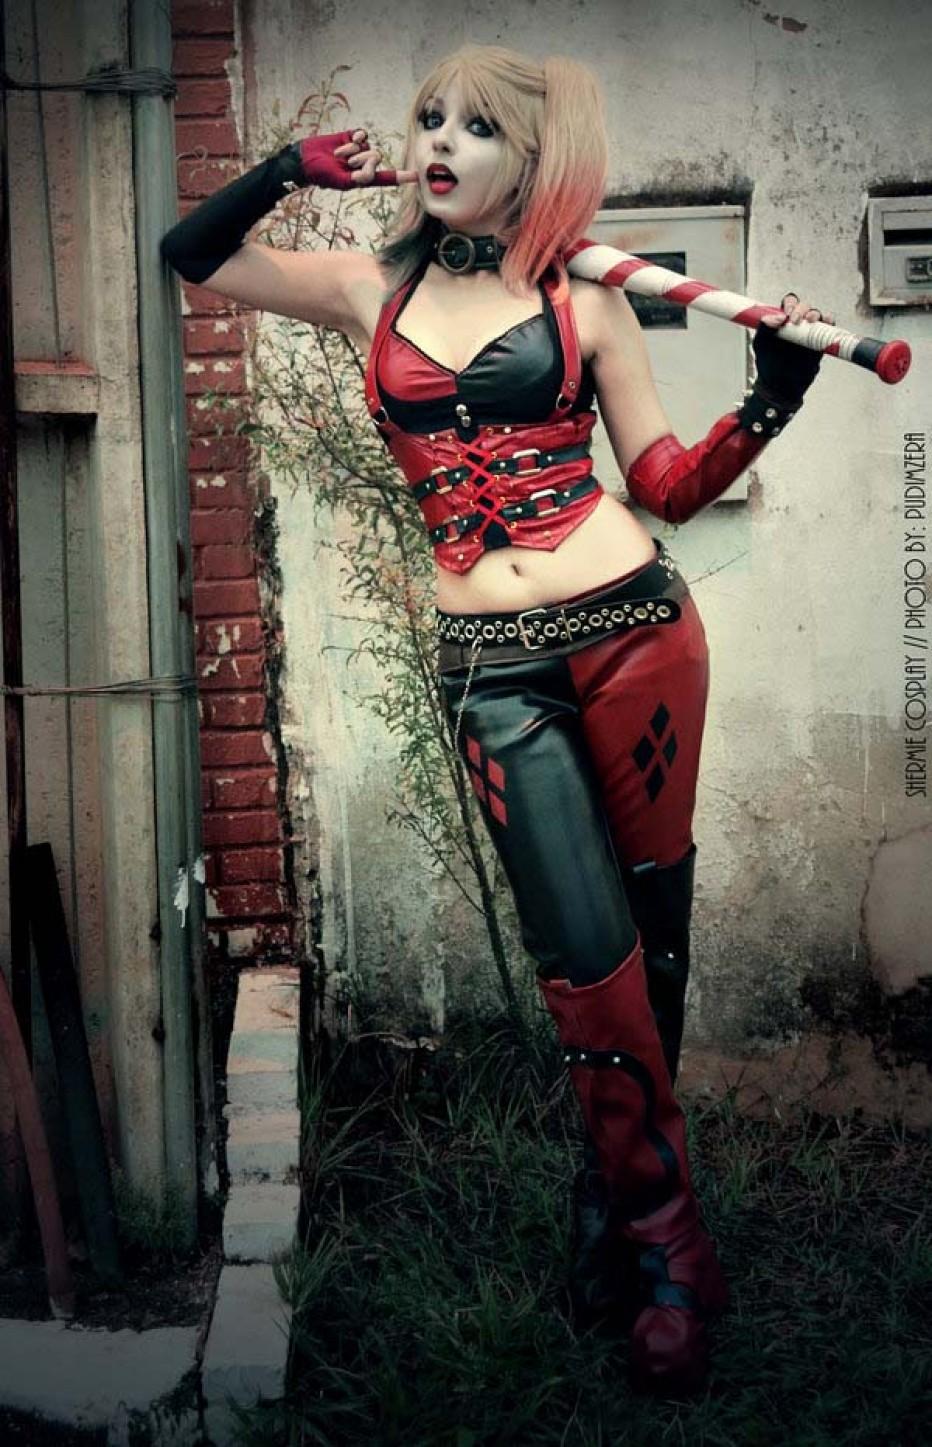 Harley-Quinn-Cosplay-Gamers-Heroes-31.jpg